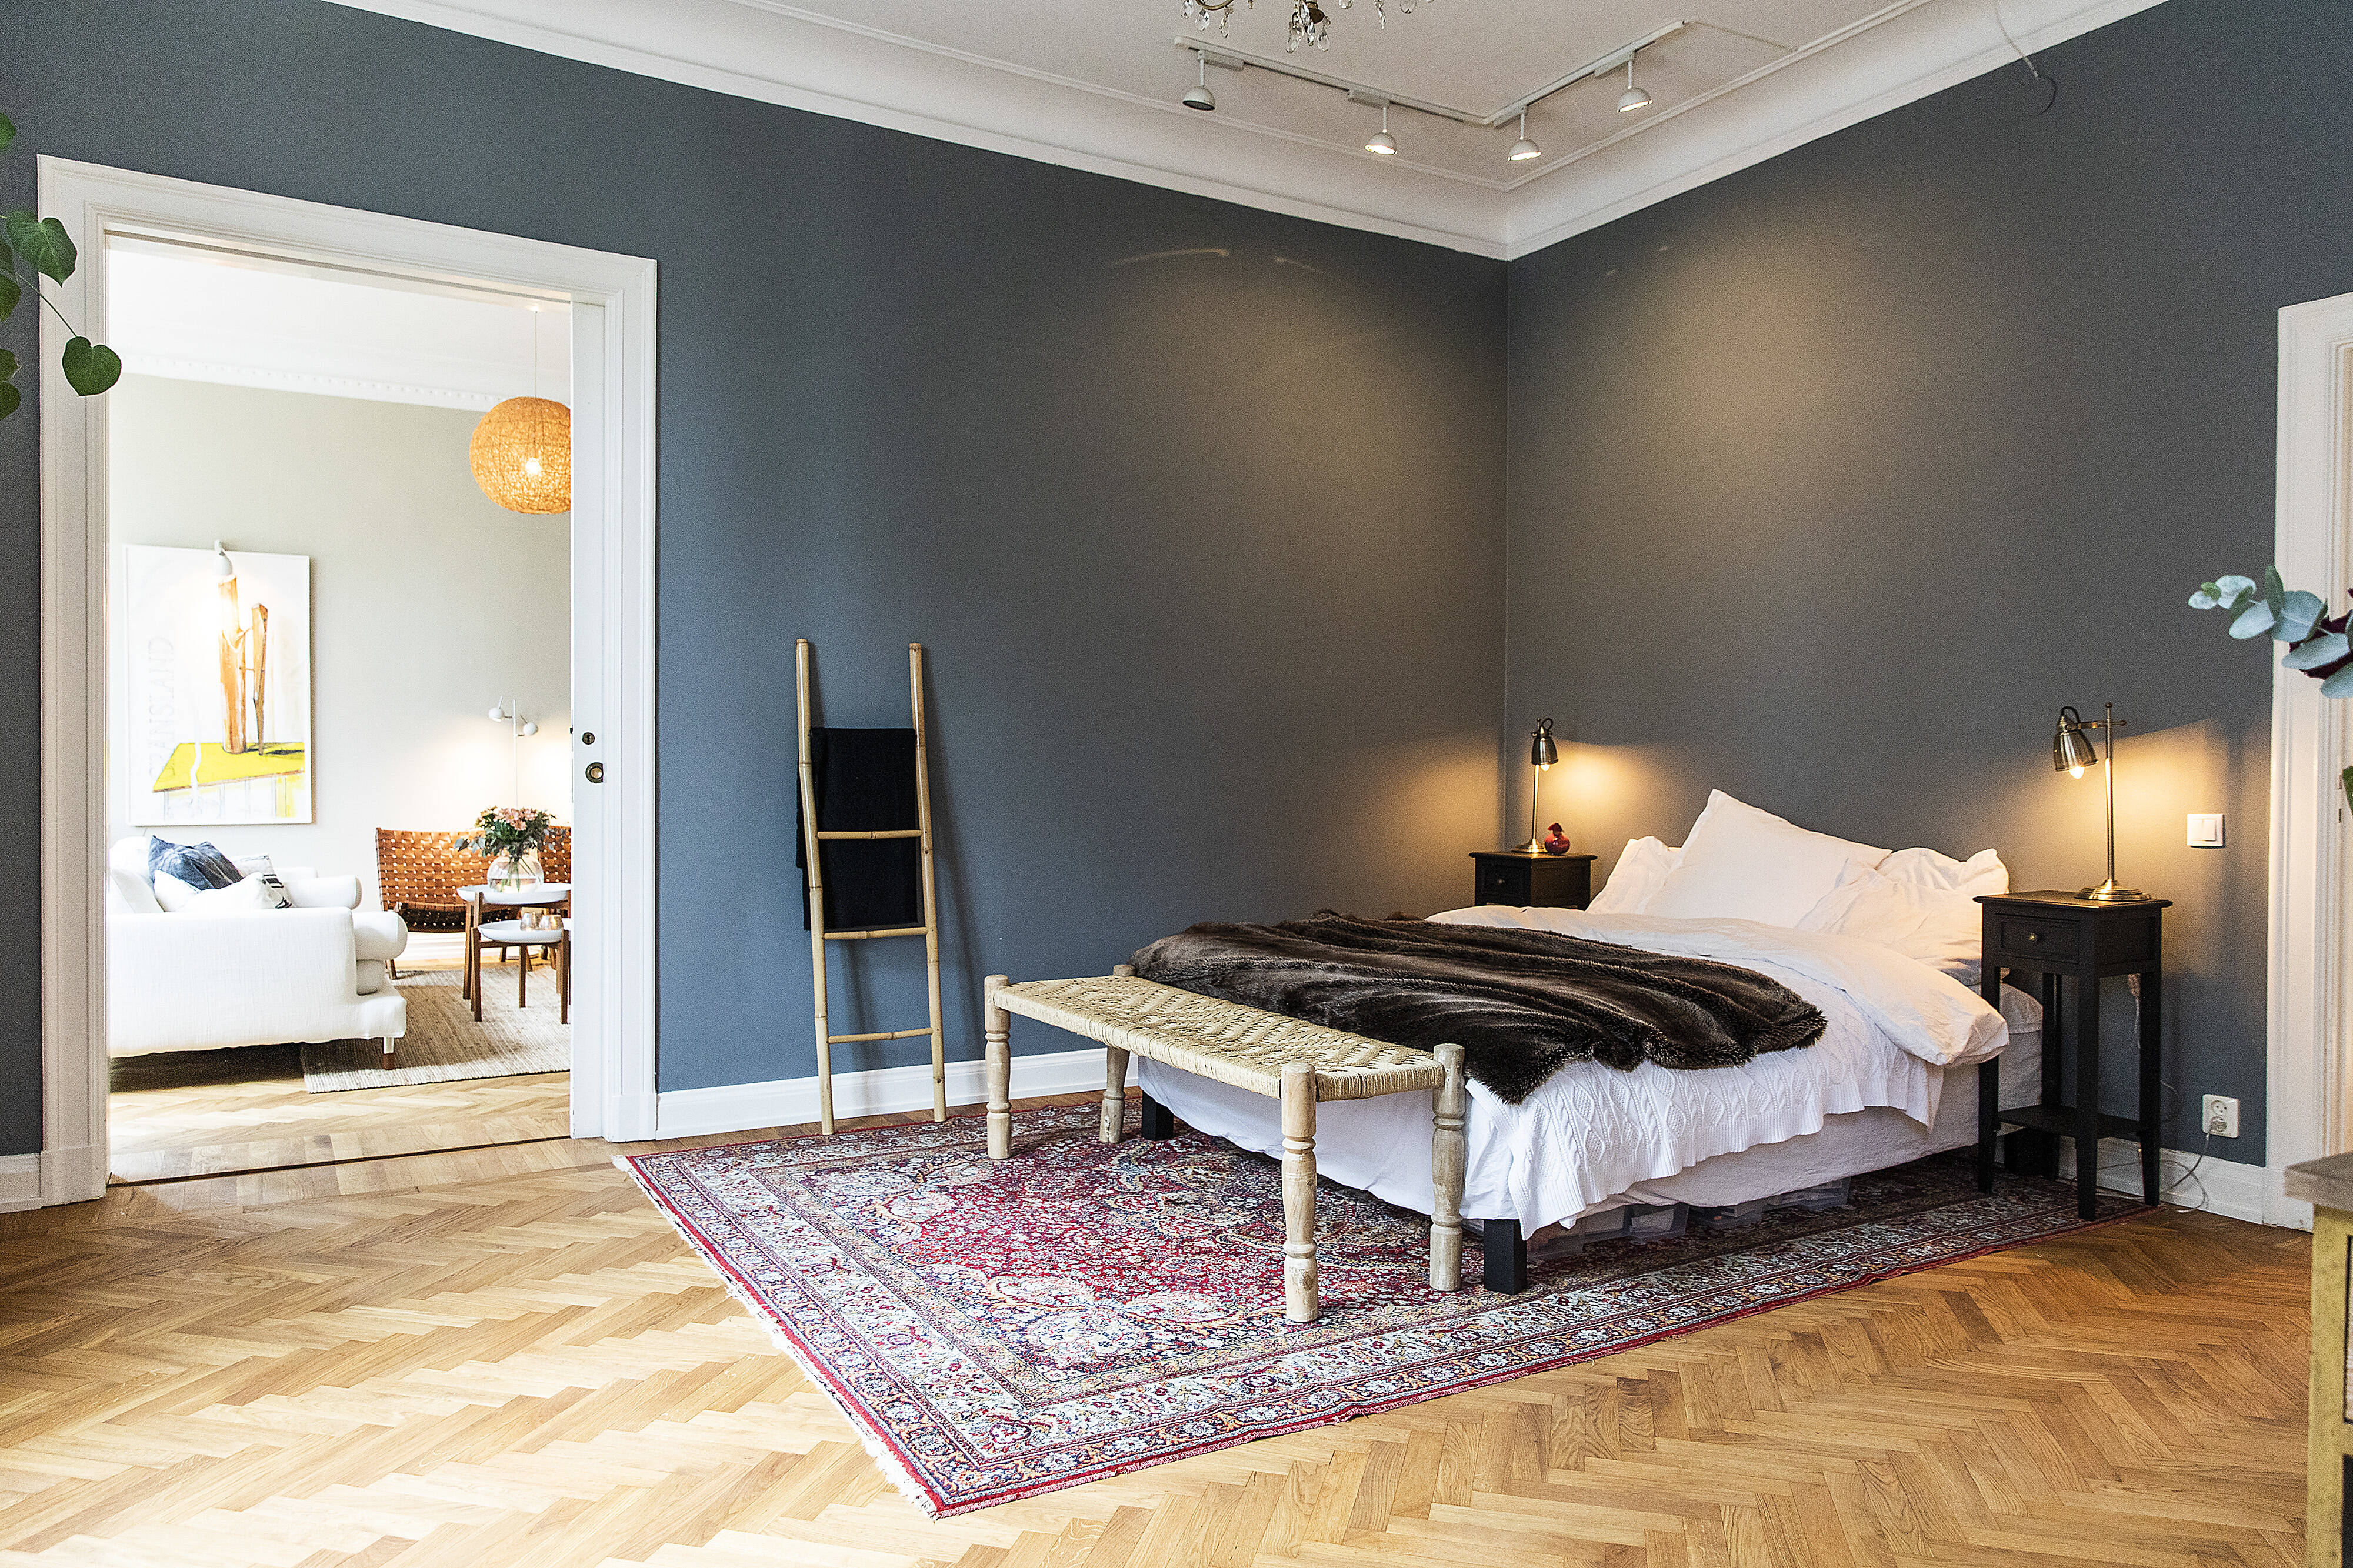 Rummen i fil är en härlig känsla i sig och fantasin kan få er att möblera